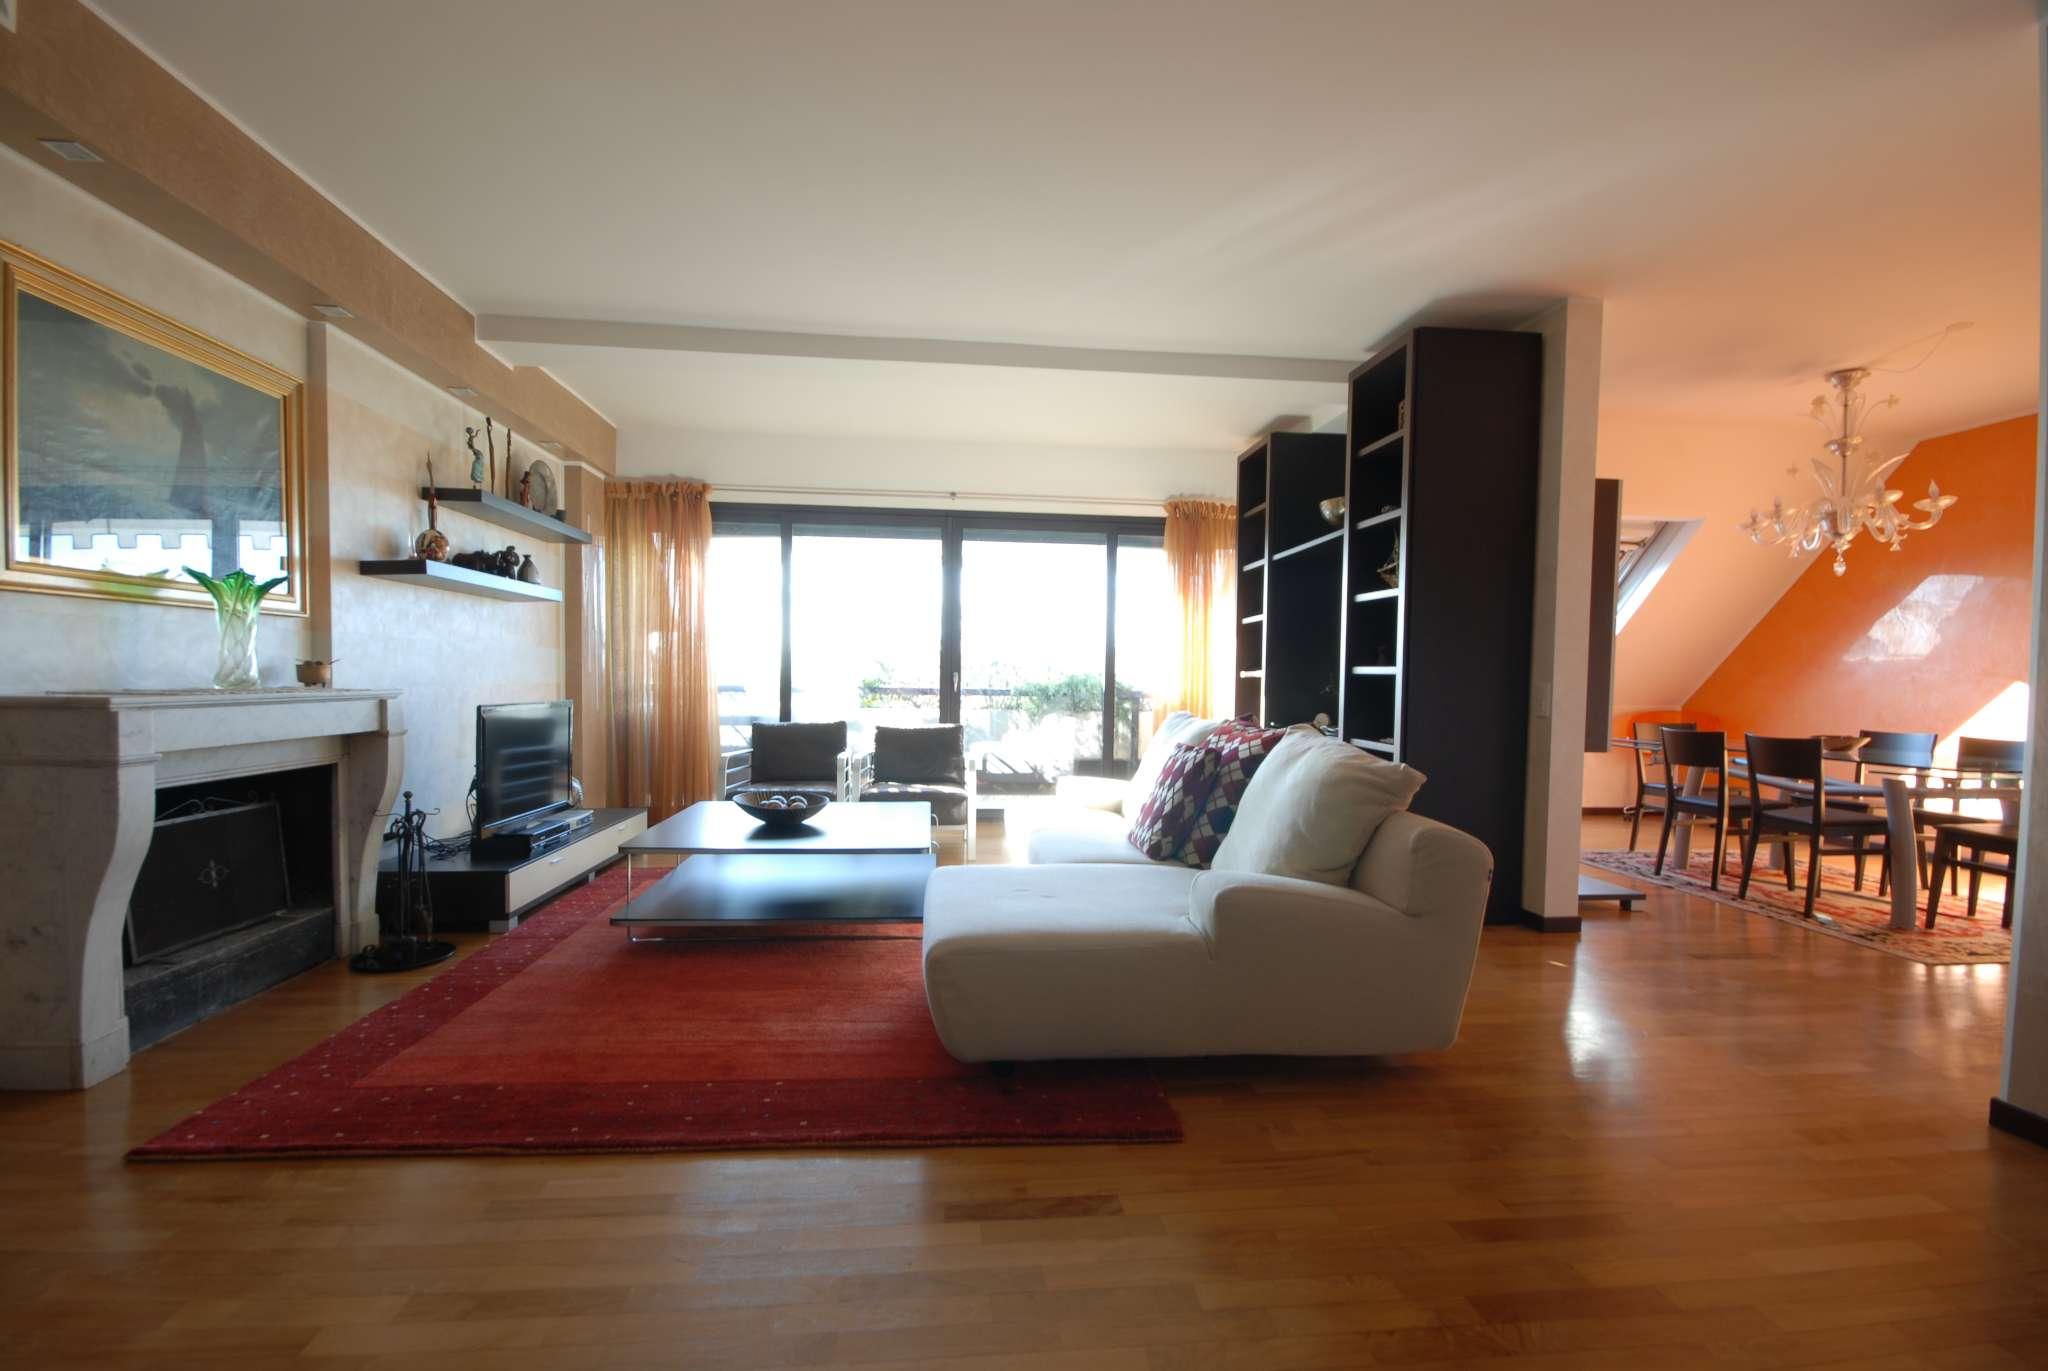 Appartamento in vendita a Basiglio, 4 locali, prezzo € 420.000 | CambioCasa.it